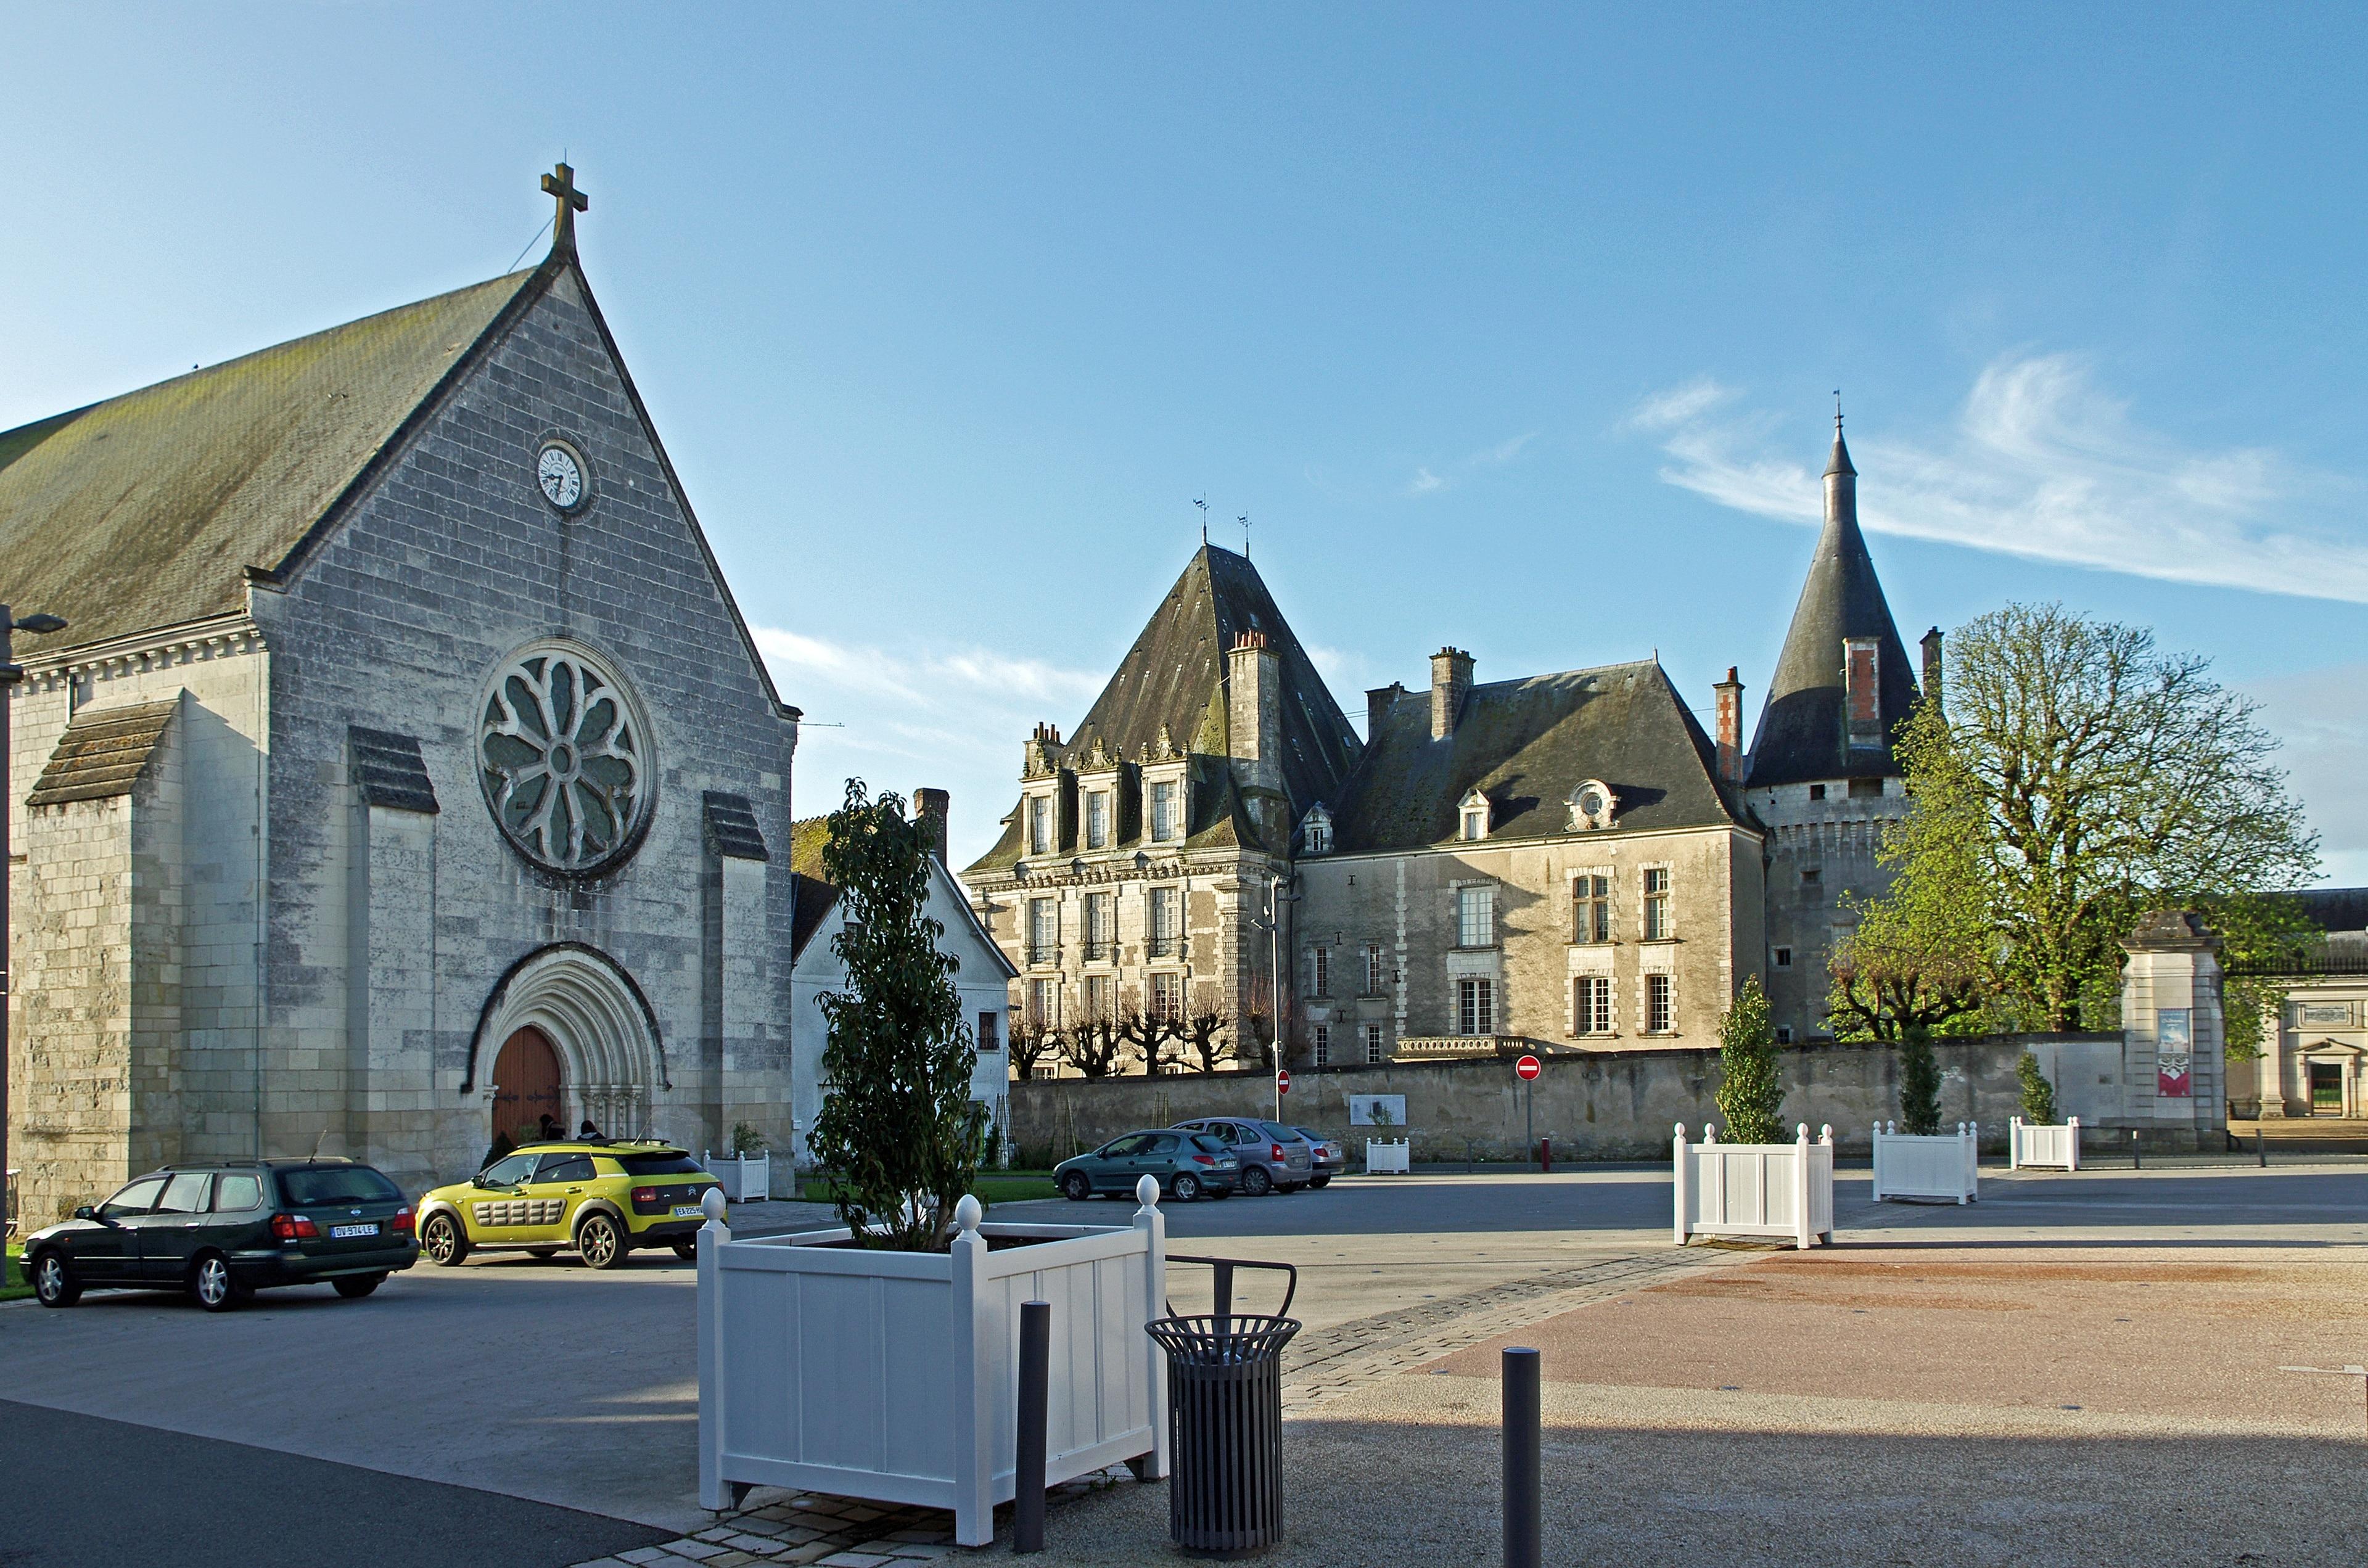 Azay-le-Ferron, Indre, France